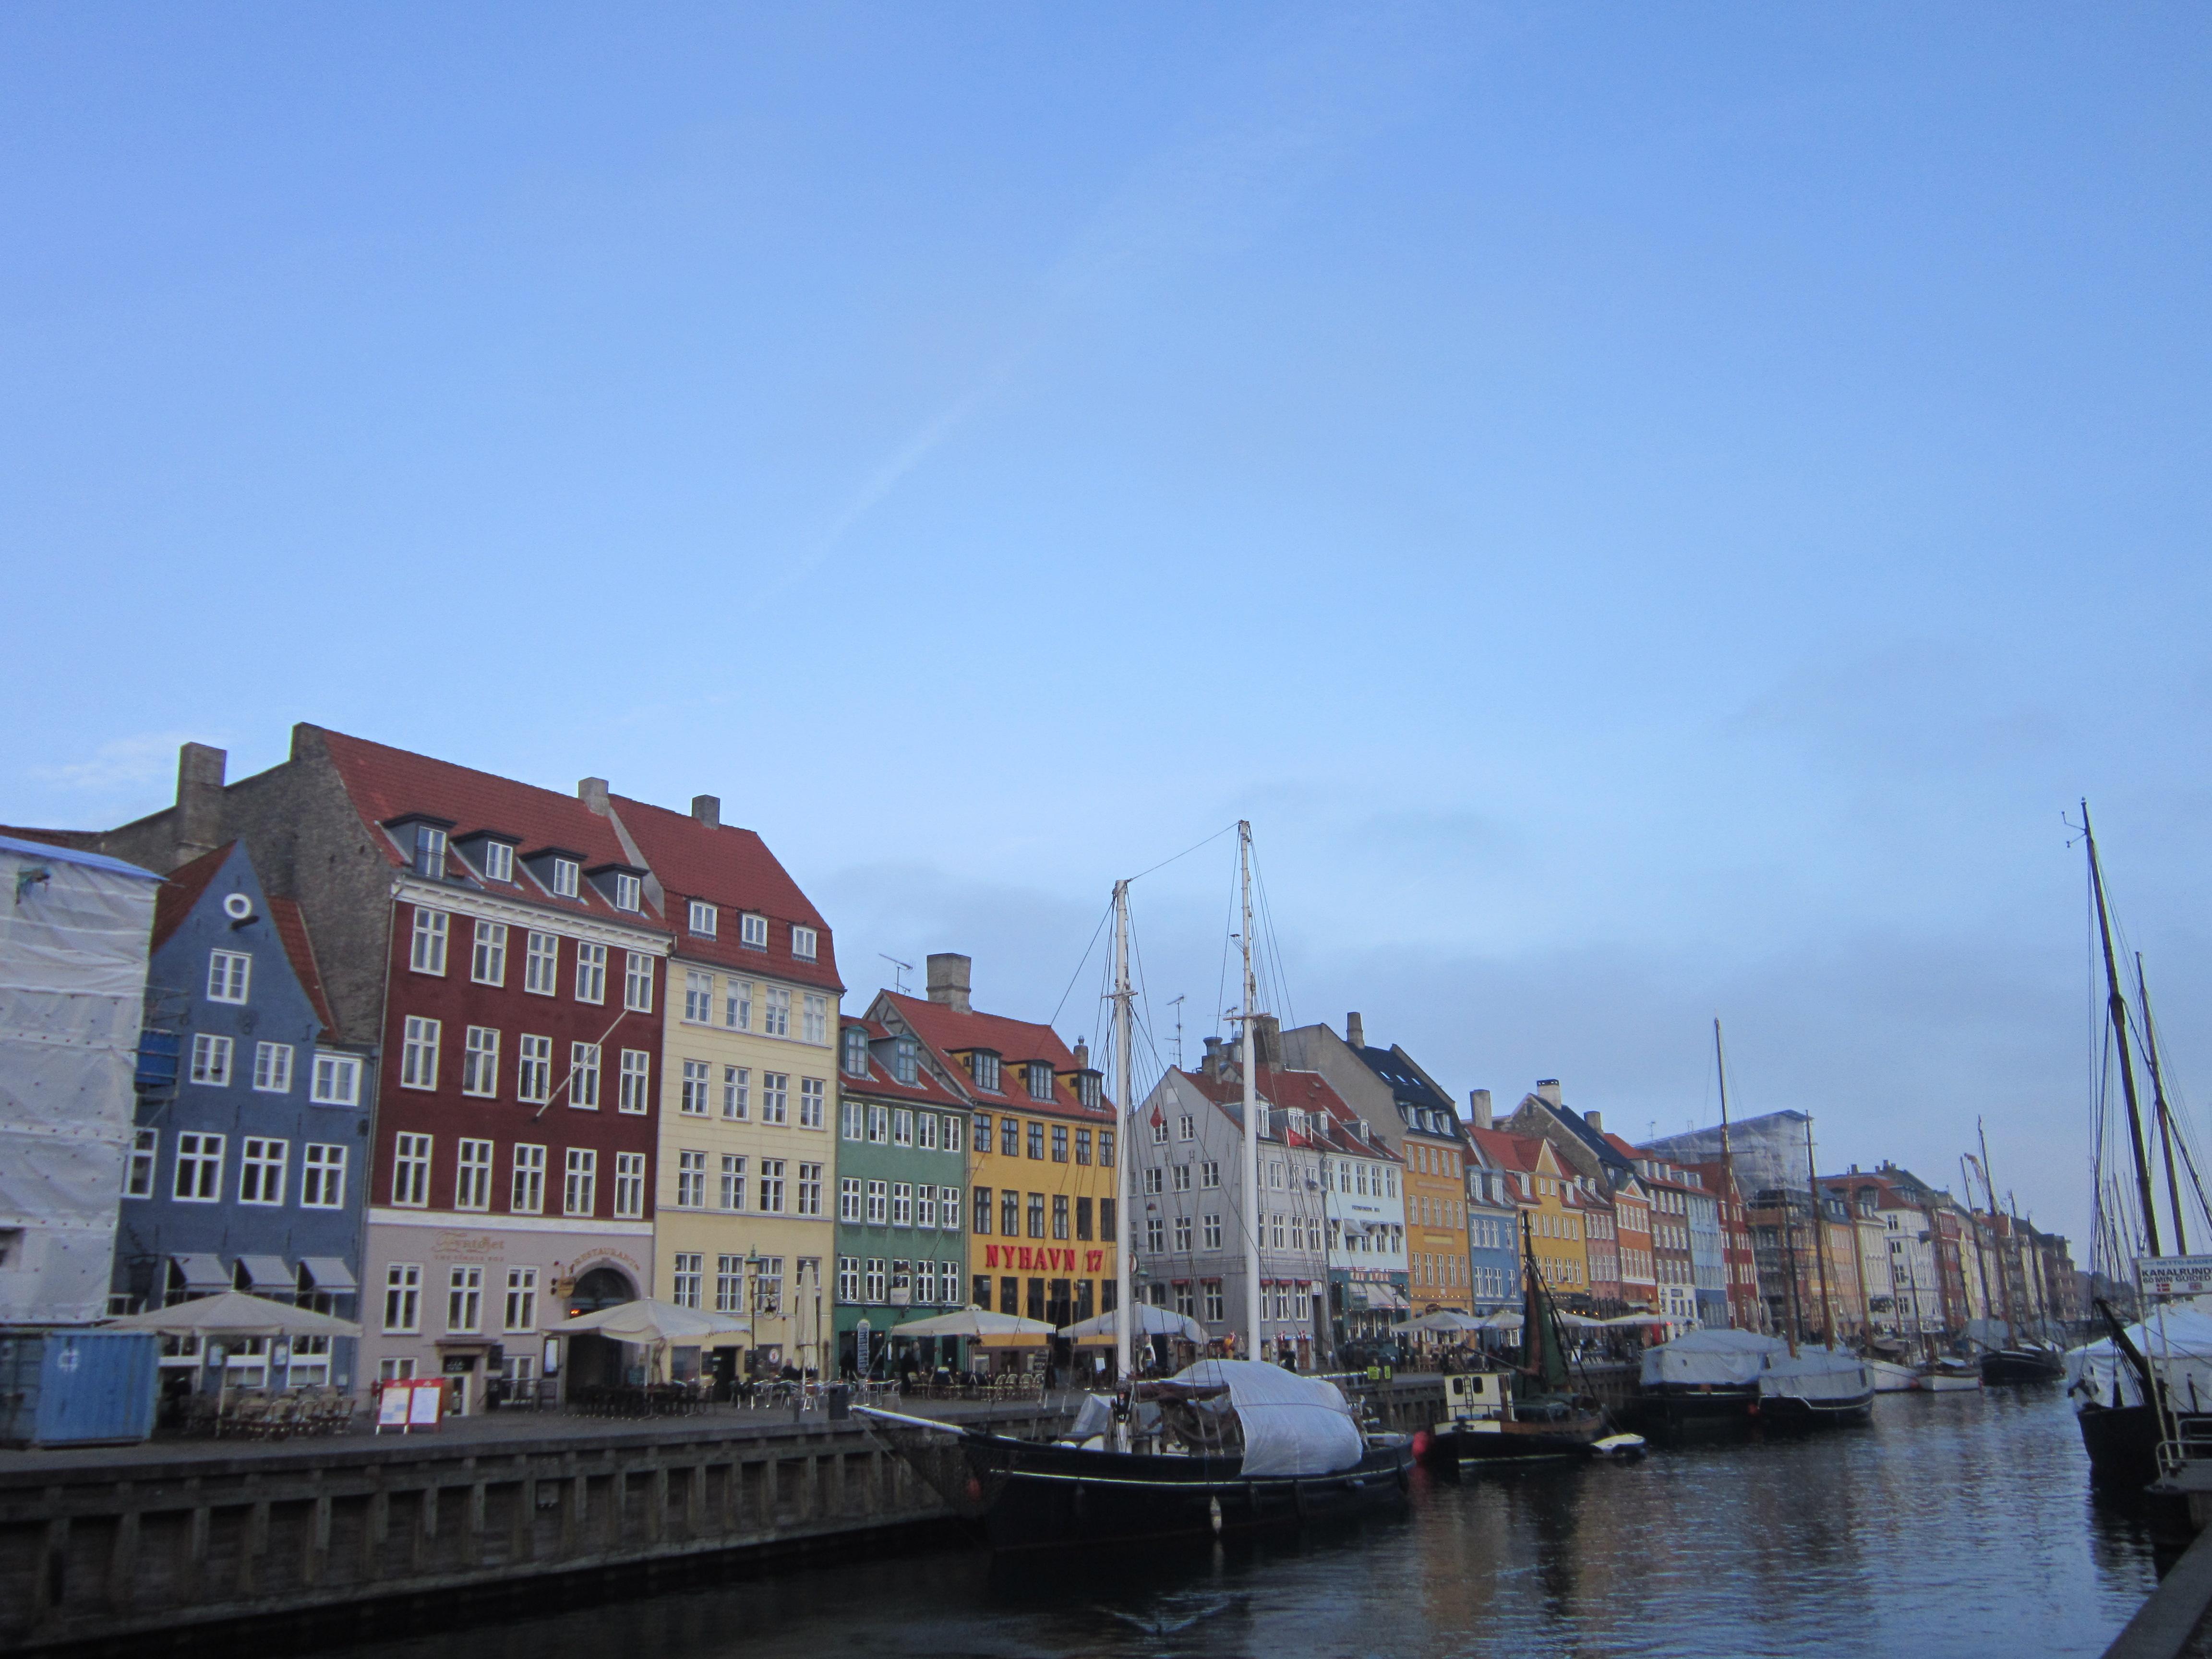 Rosenborg Castle - Nyhavn